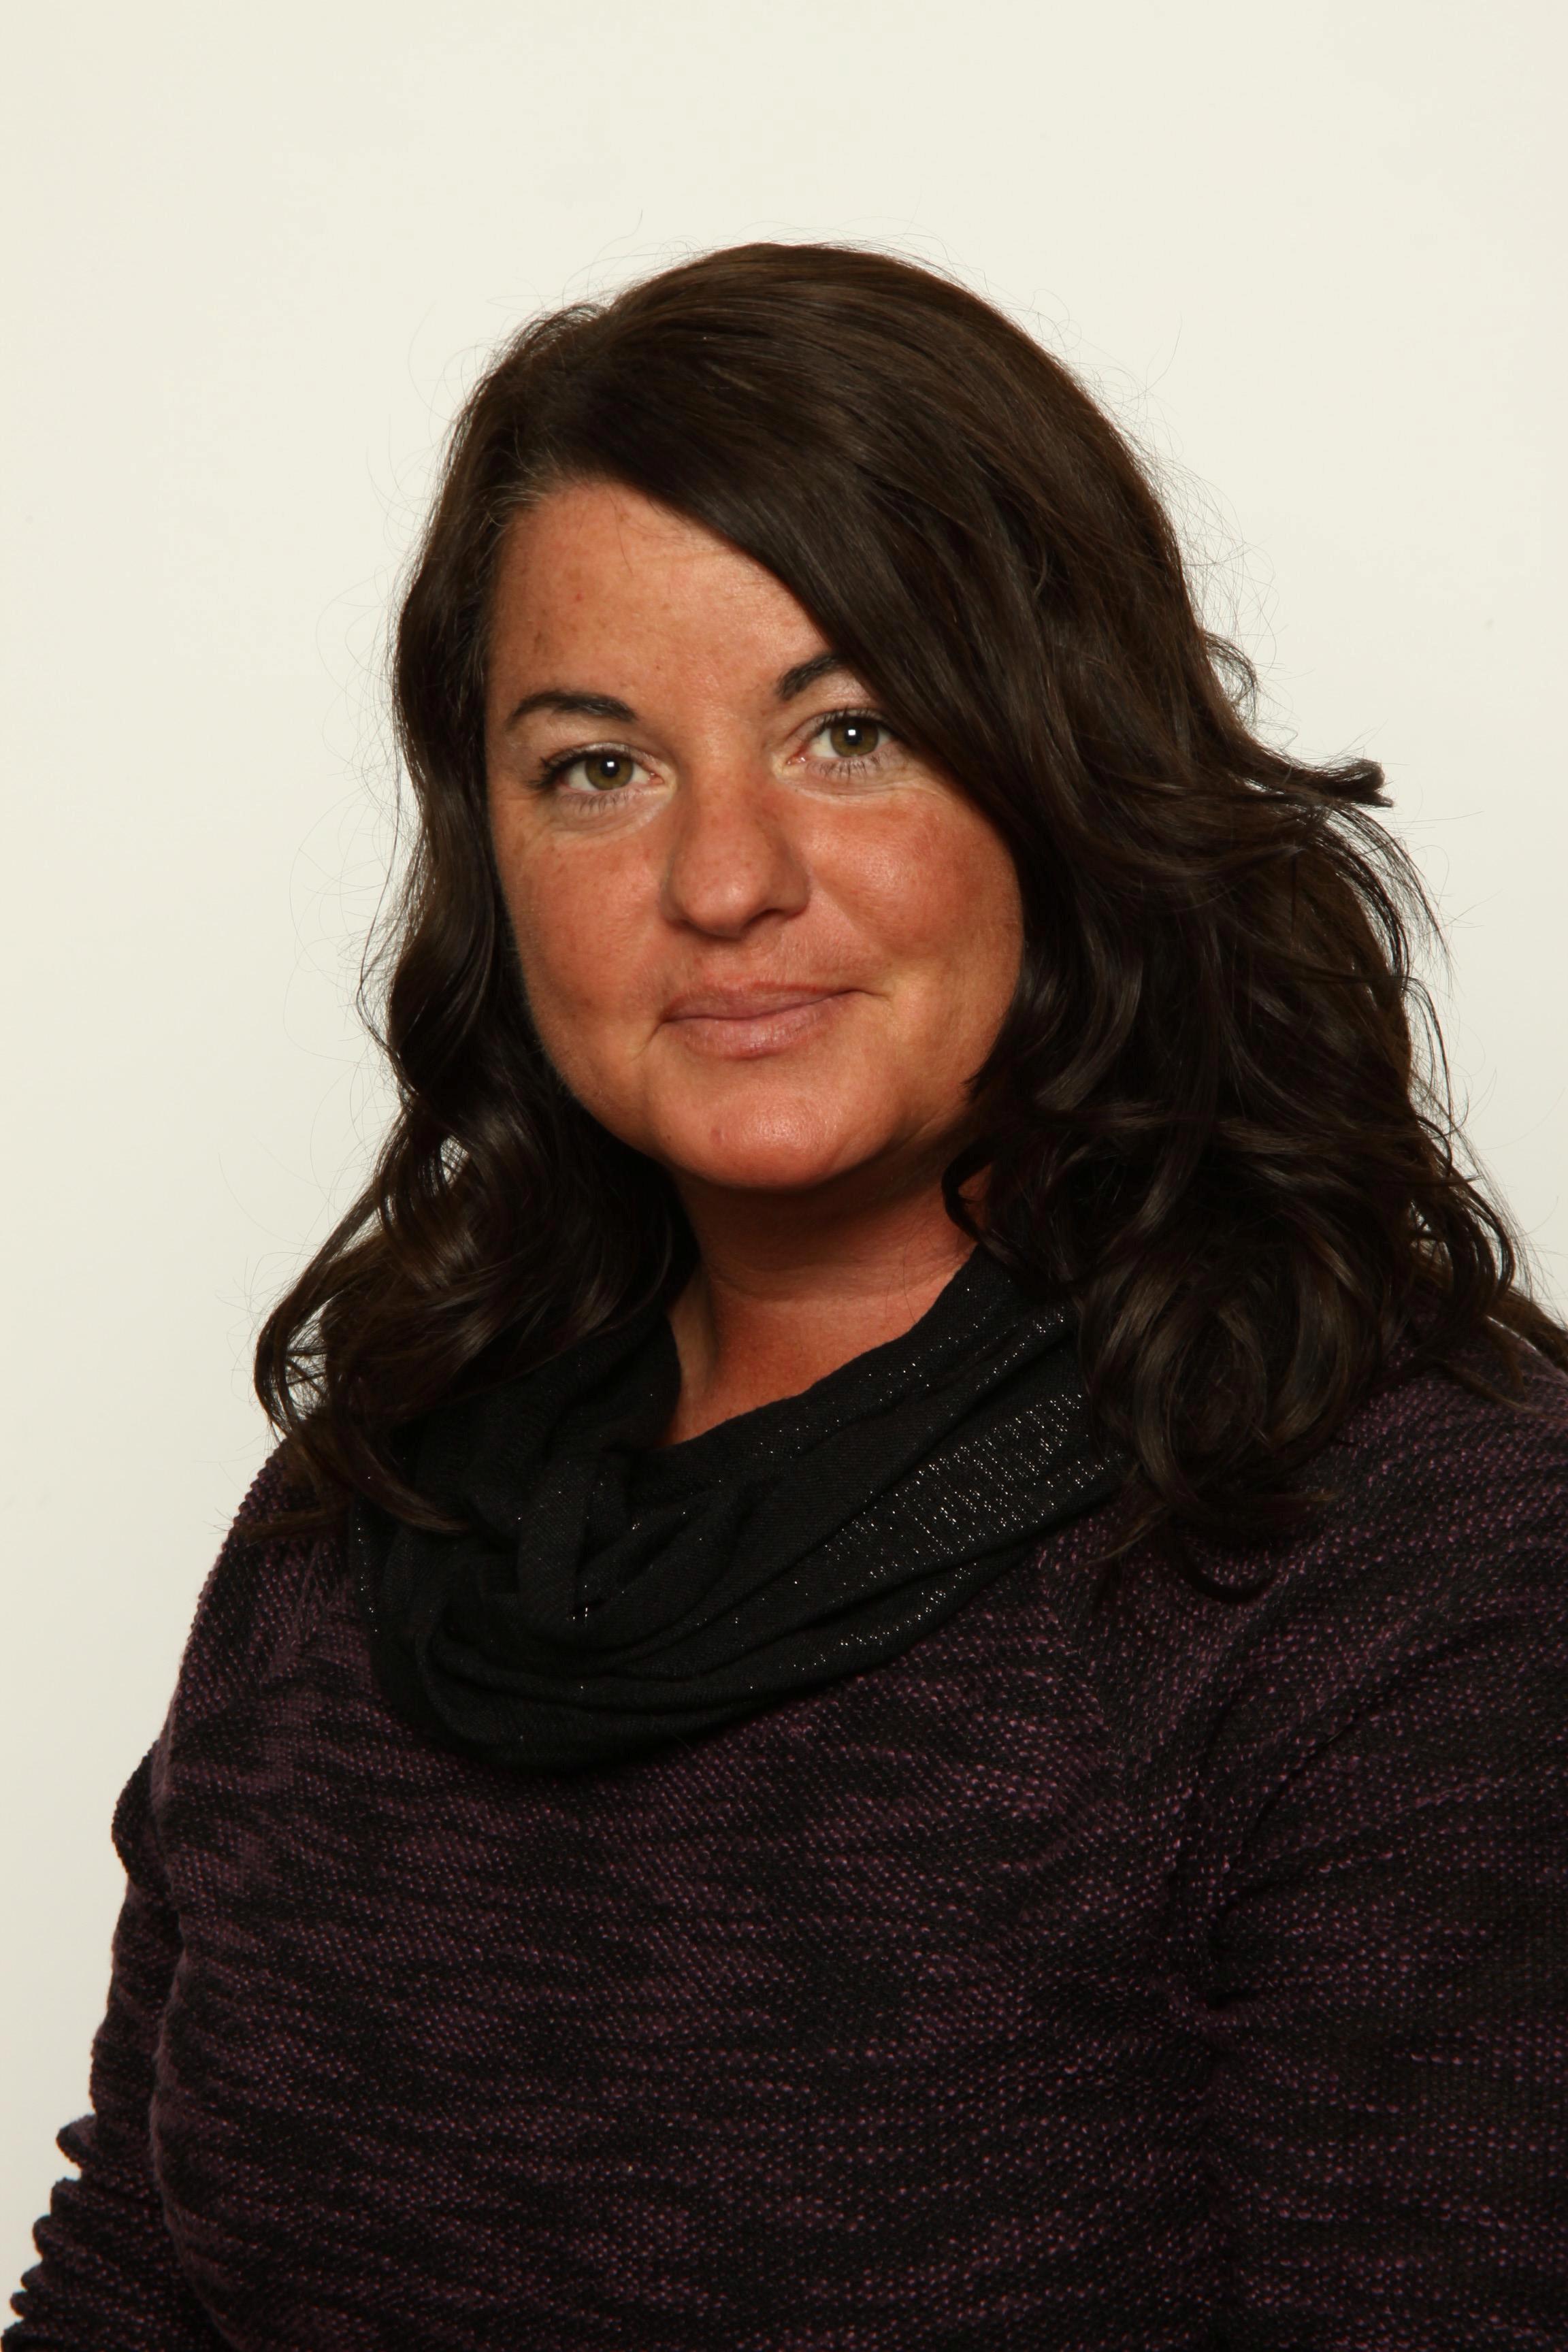 Allstate insurance agent Melinda Germon